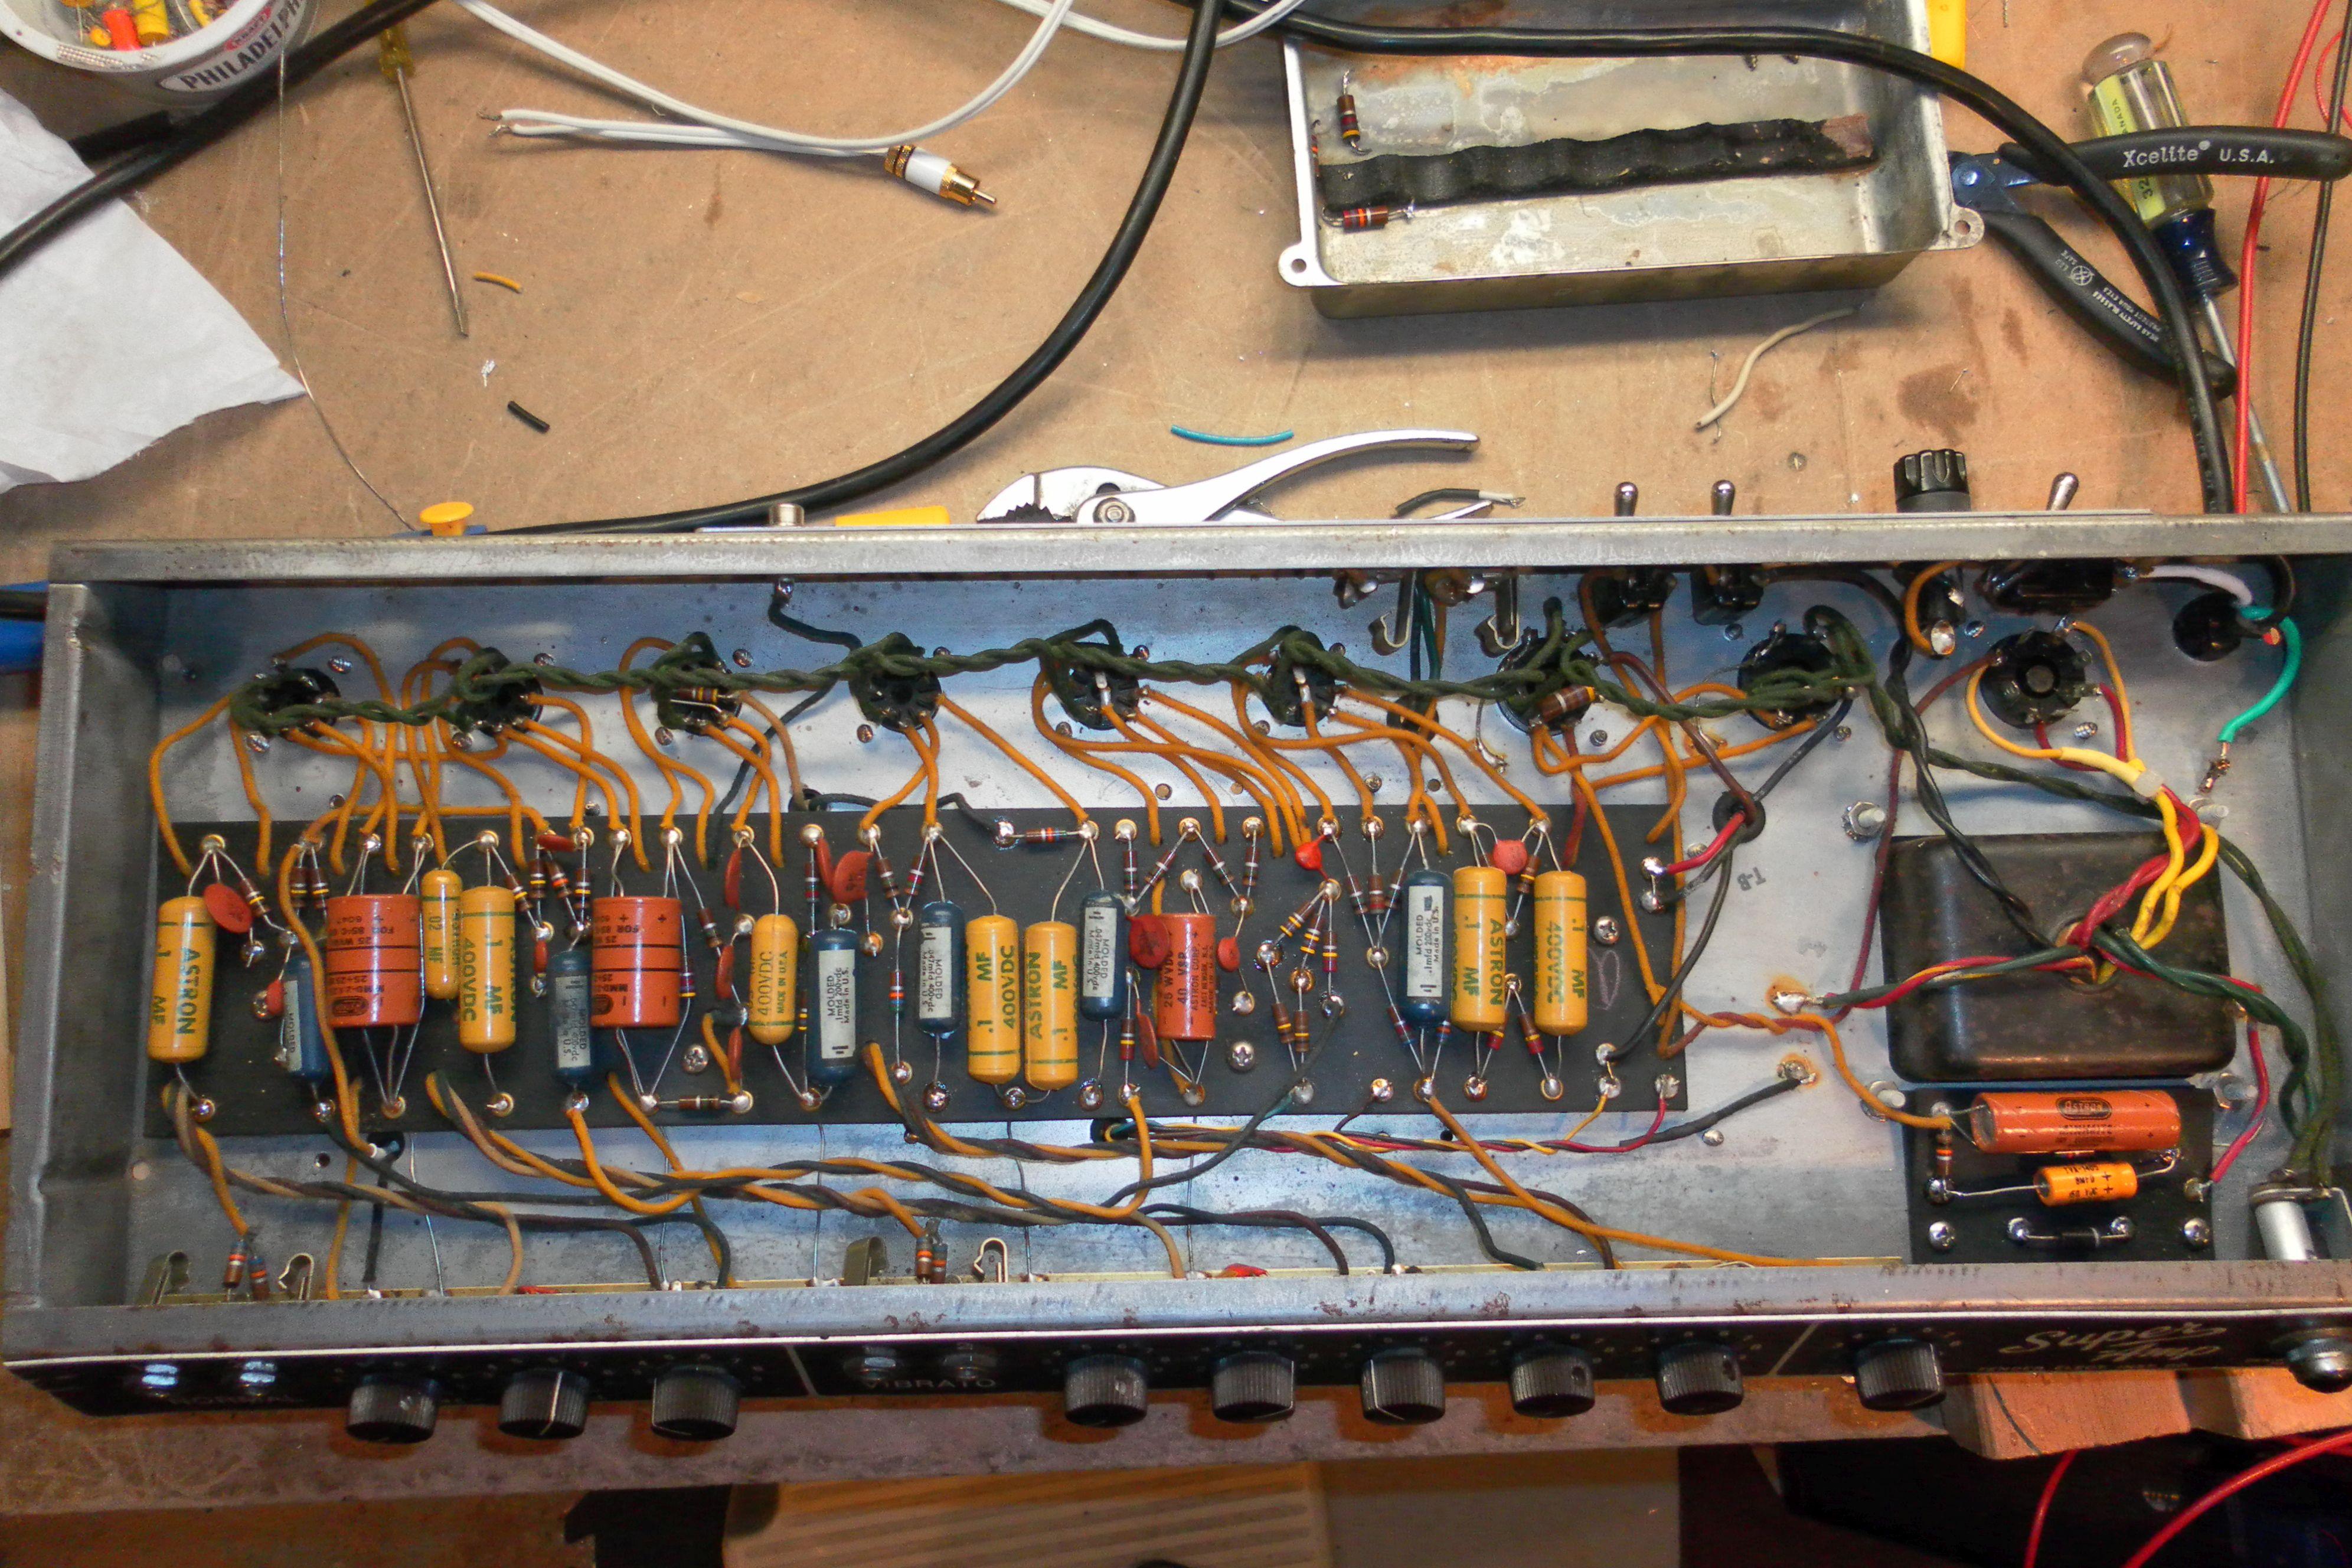 Super Circuit board